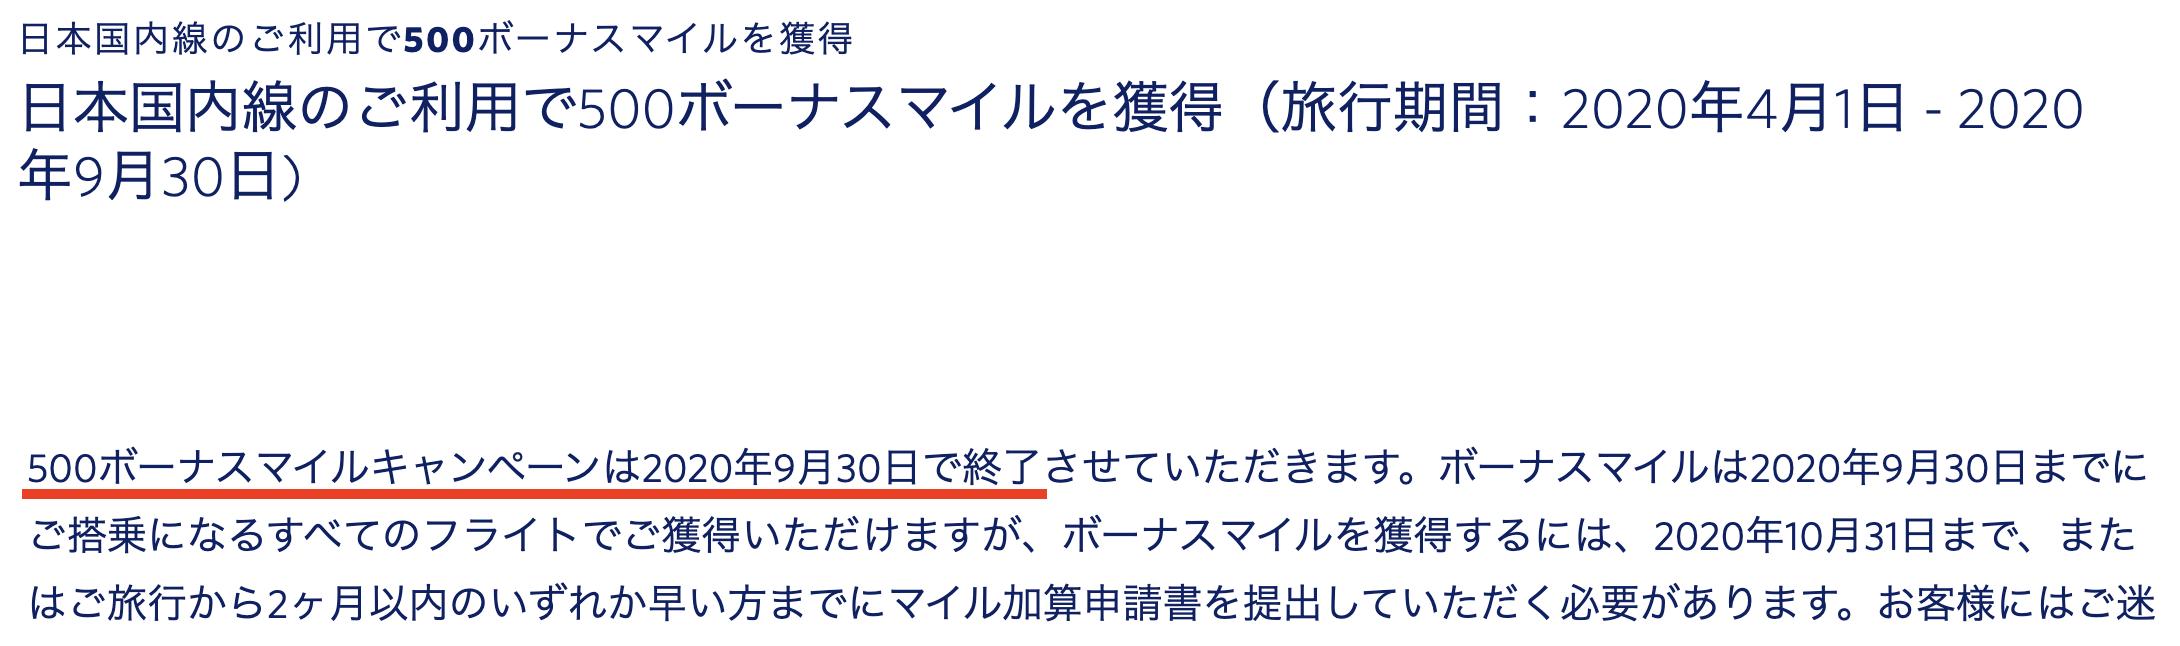 ニッポン500マイルキャンペーン終了